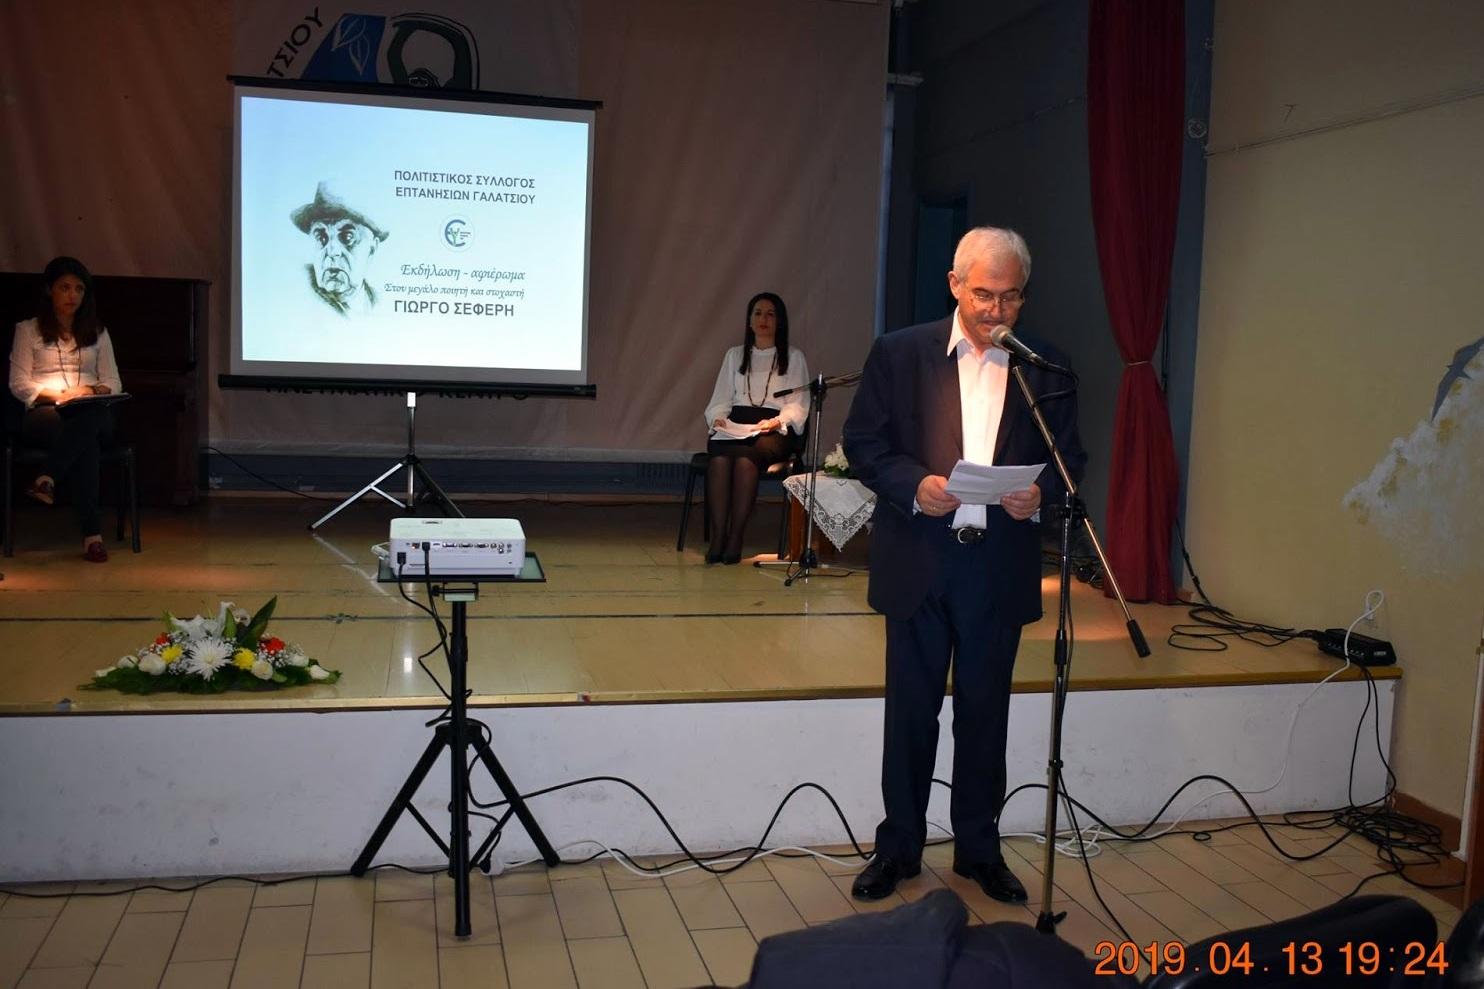 Εκδήλωση Αφιέρωμα Πολιτιστικού Συλλόγου Επτανησίων Γαλατσίου στον Ποιητή Γιώργο Σεφέρη